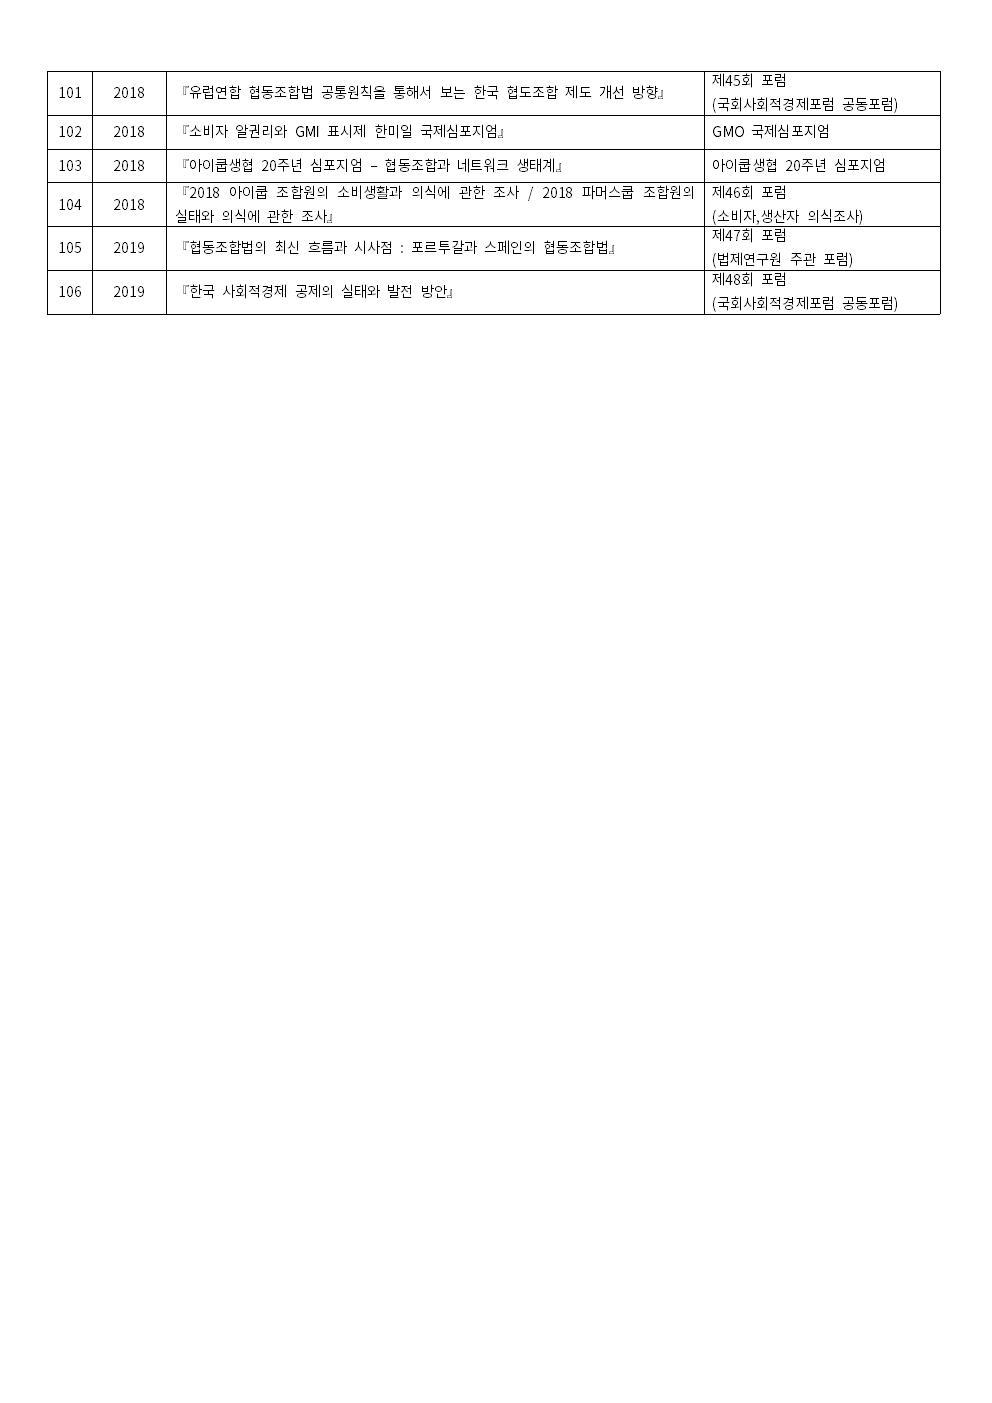 03.200131_연구소 발행 목록014